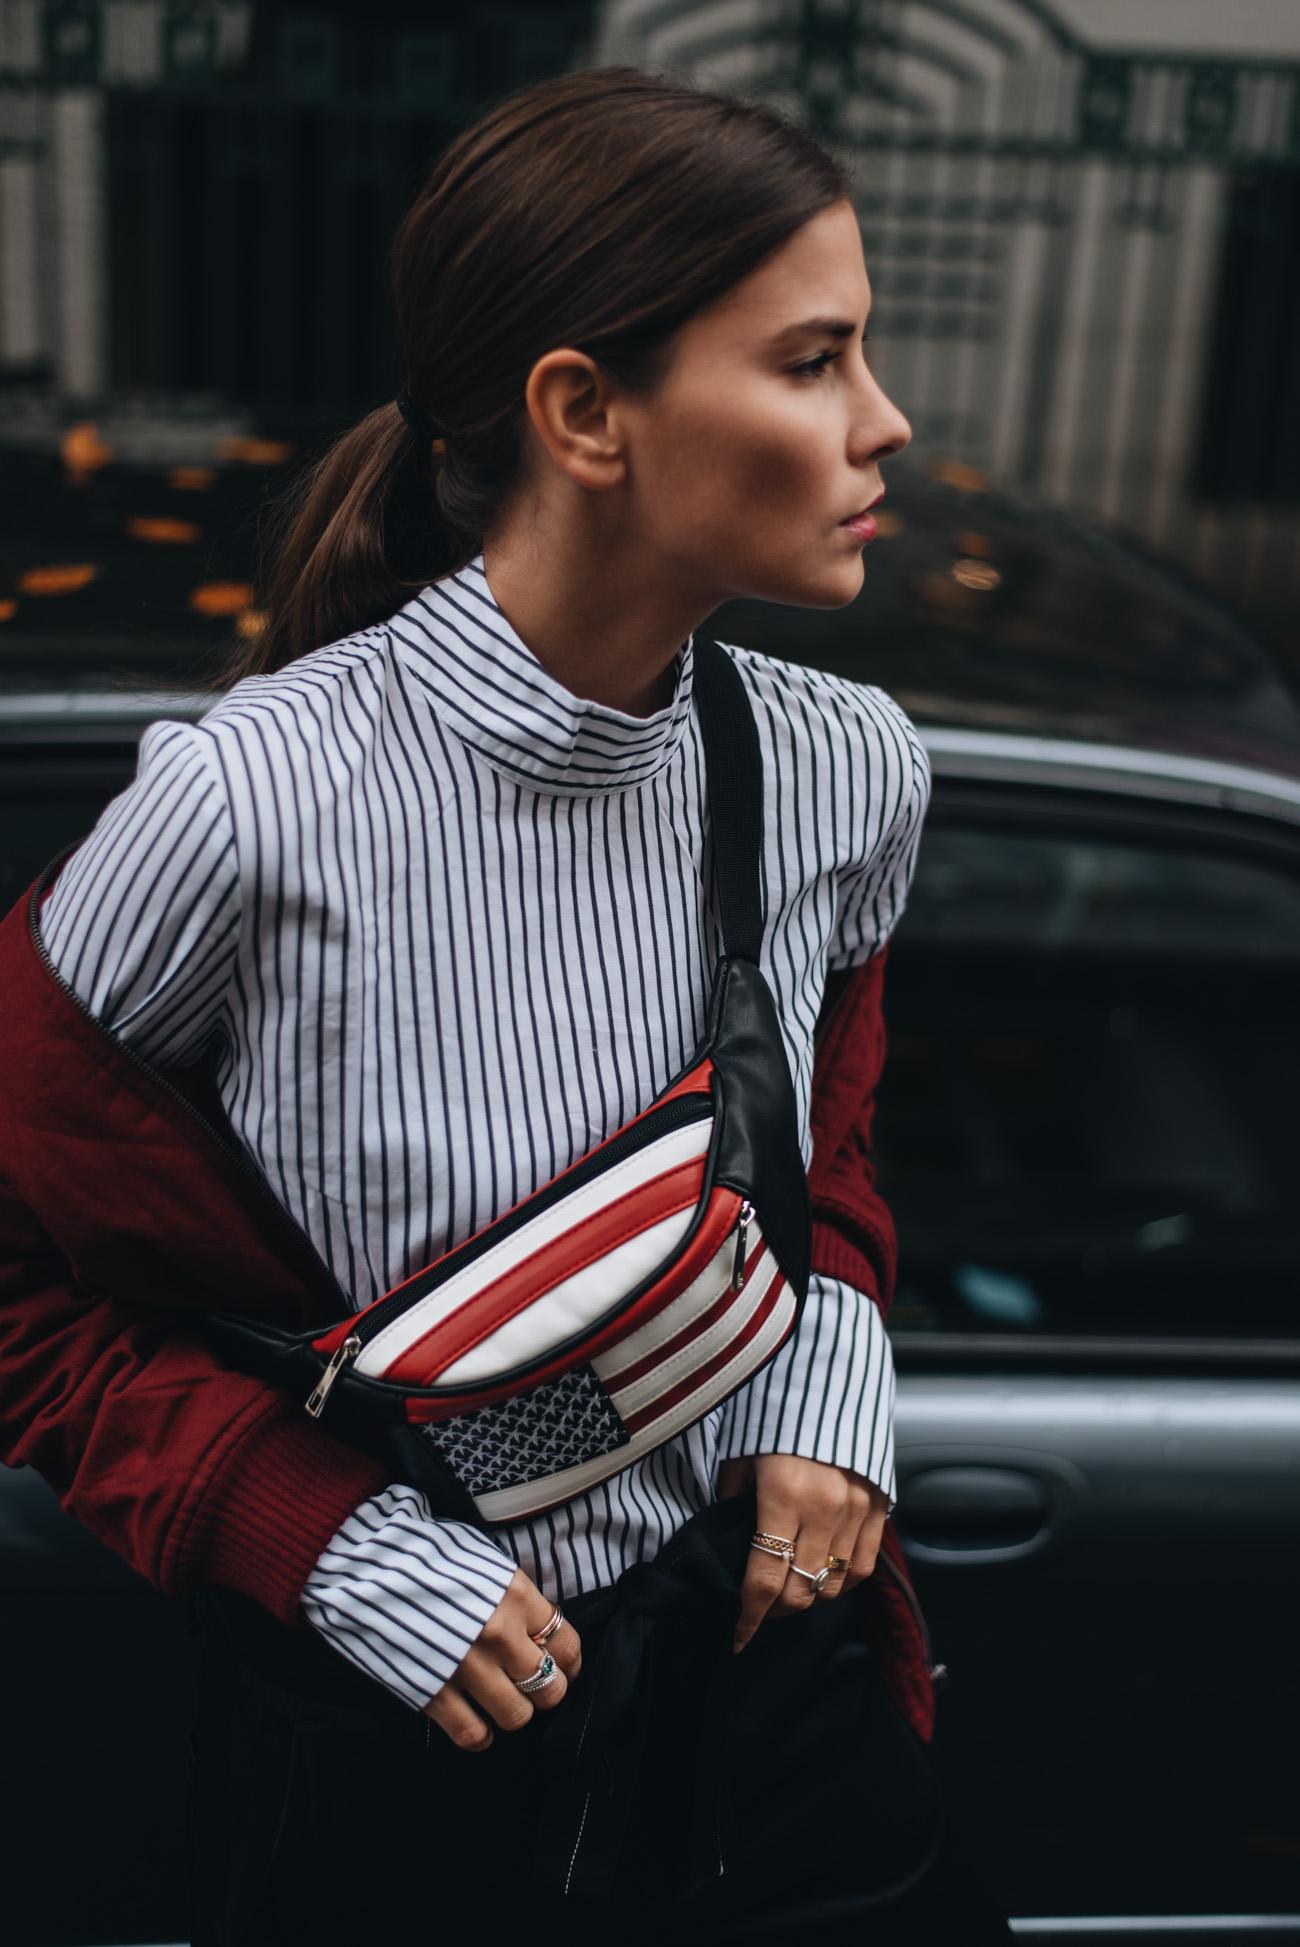 Amerikanische-Gürteltasche-bauchtasche-belt-bag-nina-schwichtenberg-fashion-bloggerin-fashiioncarpet